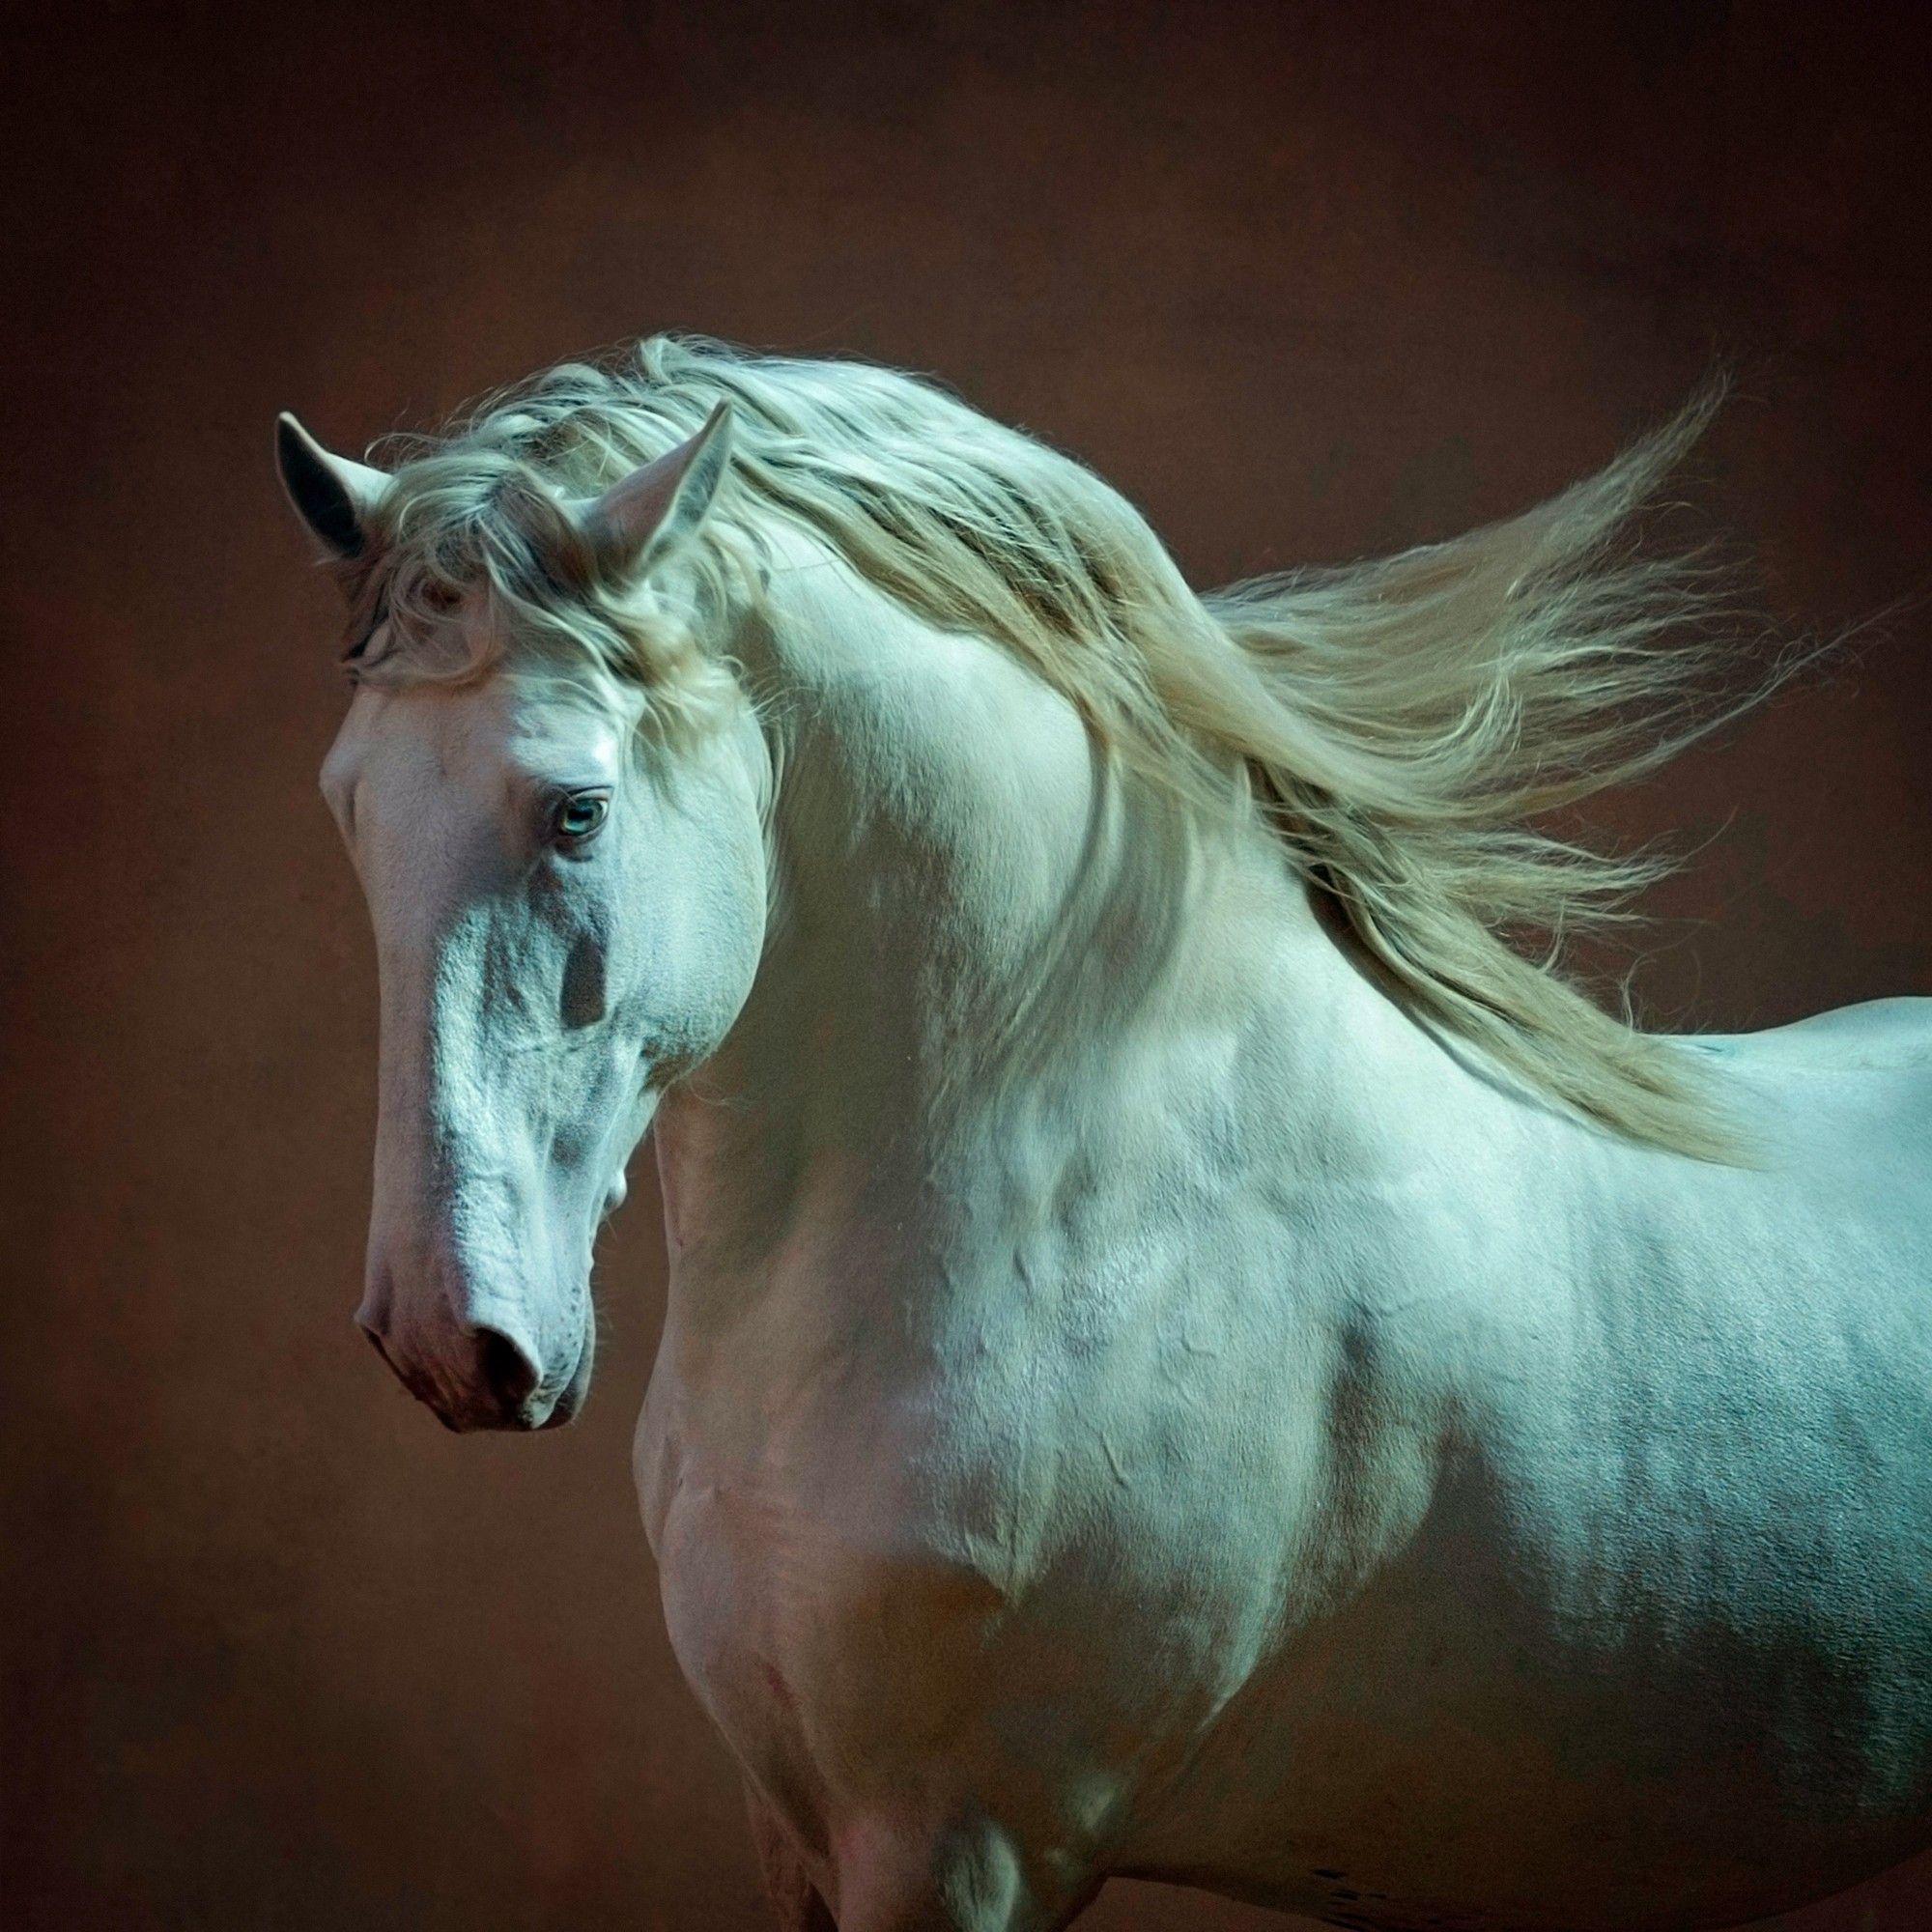 Профессиональная фотосъемка лошадей | Андалузская лошадь ...